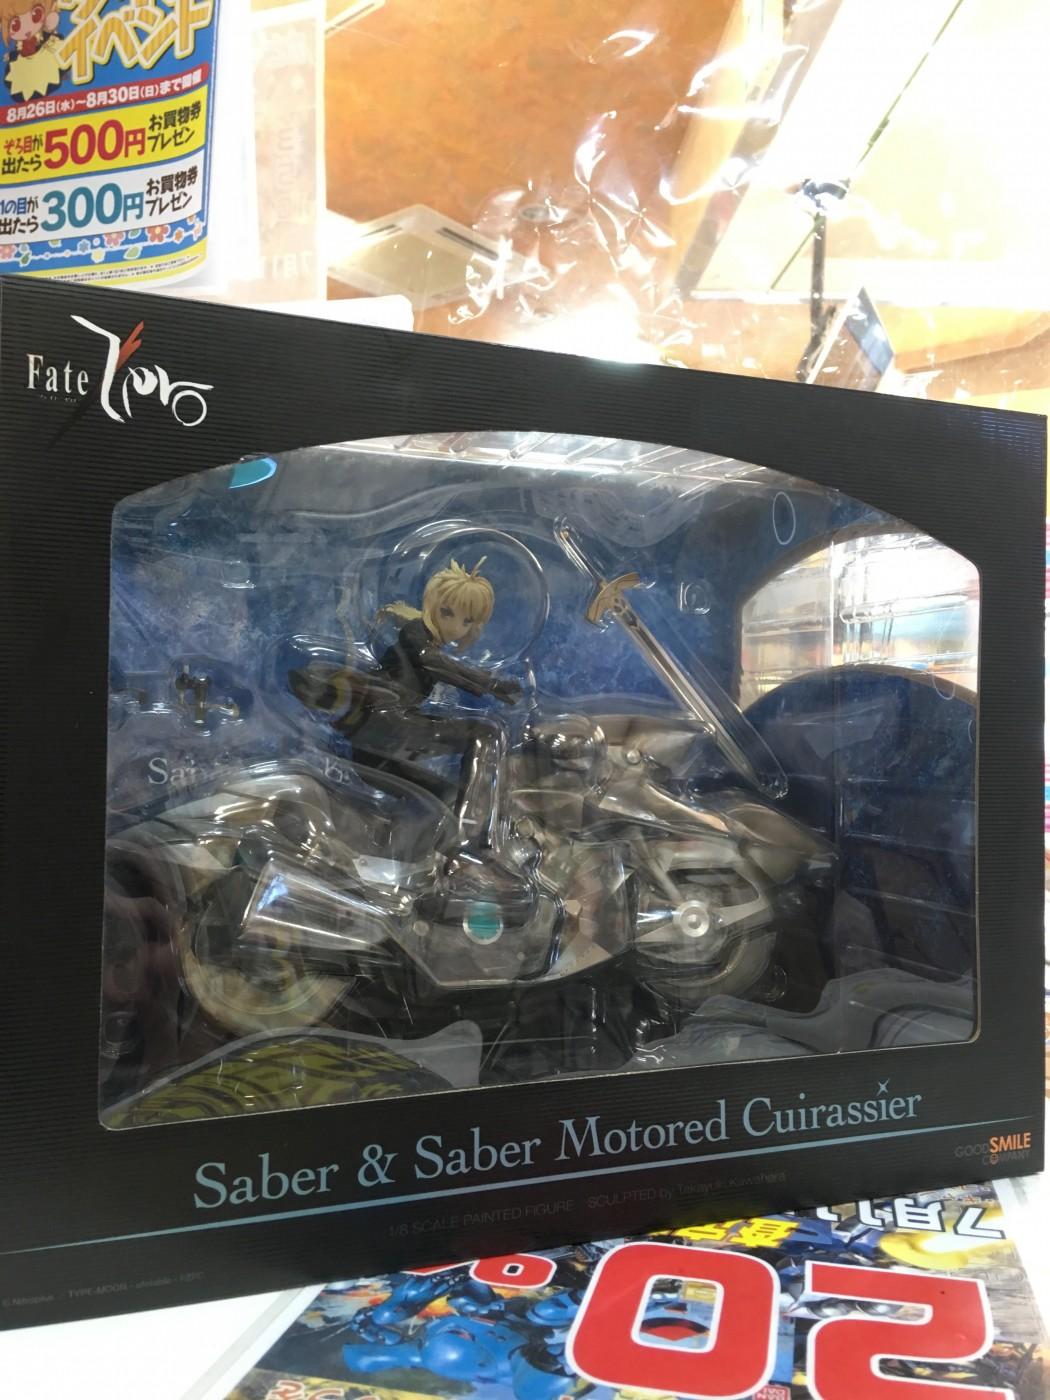 買取情報『グッドスマイルカンパニーの『Fate/Zero』 セイバー&セイバー・モータード・キュイラッシェ』